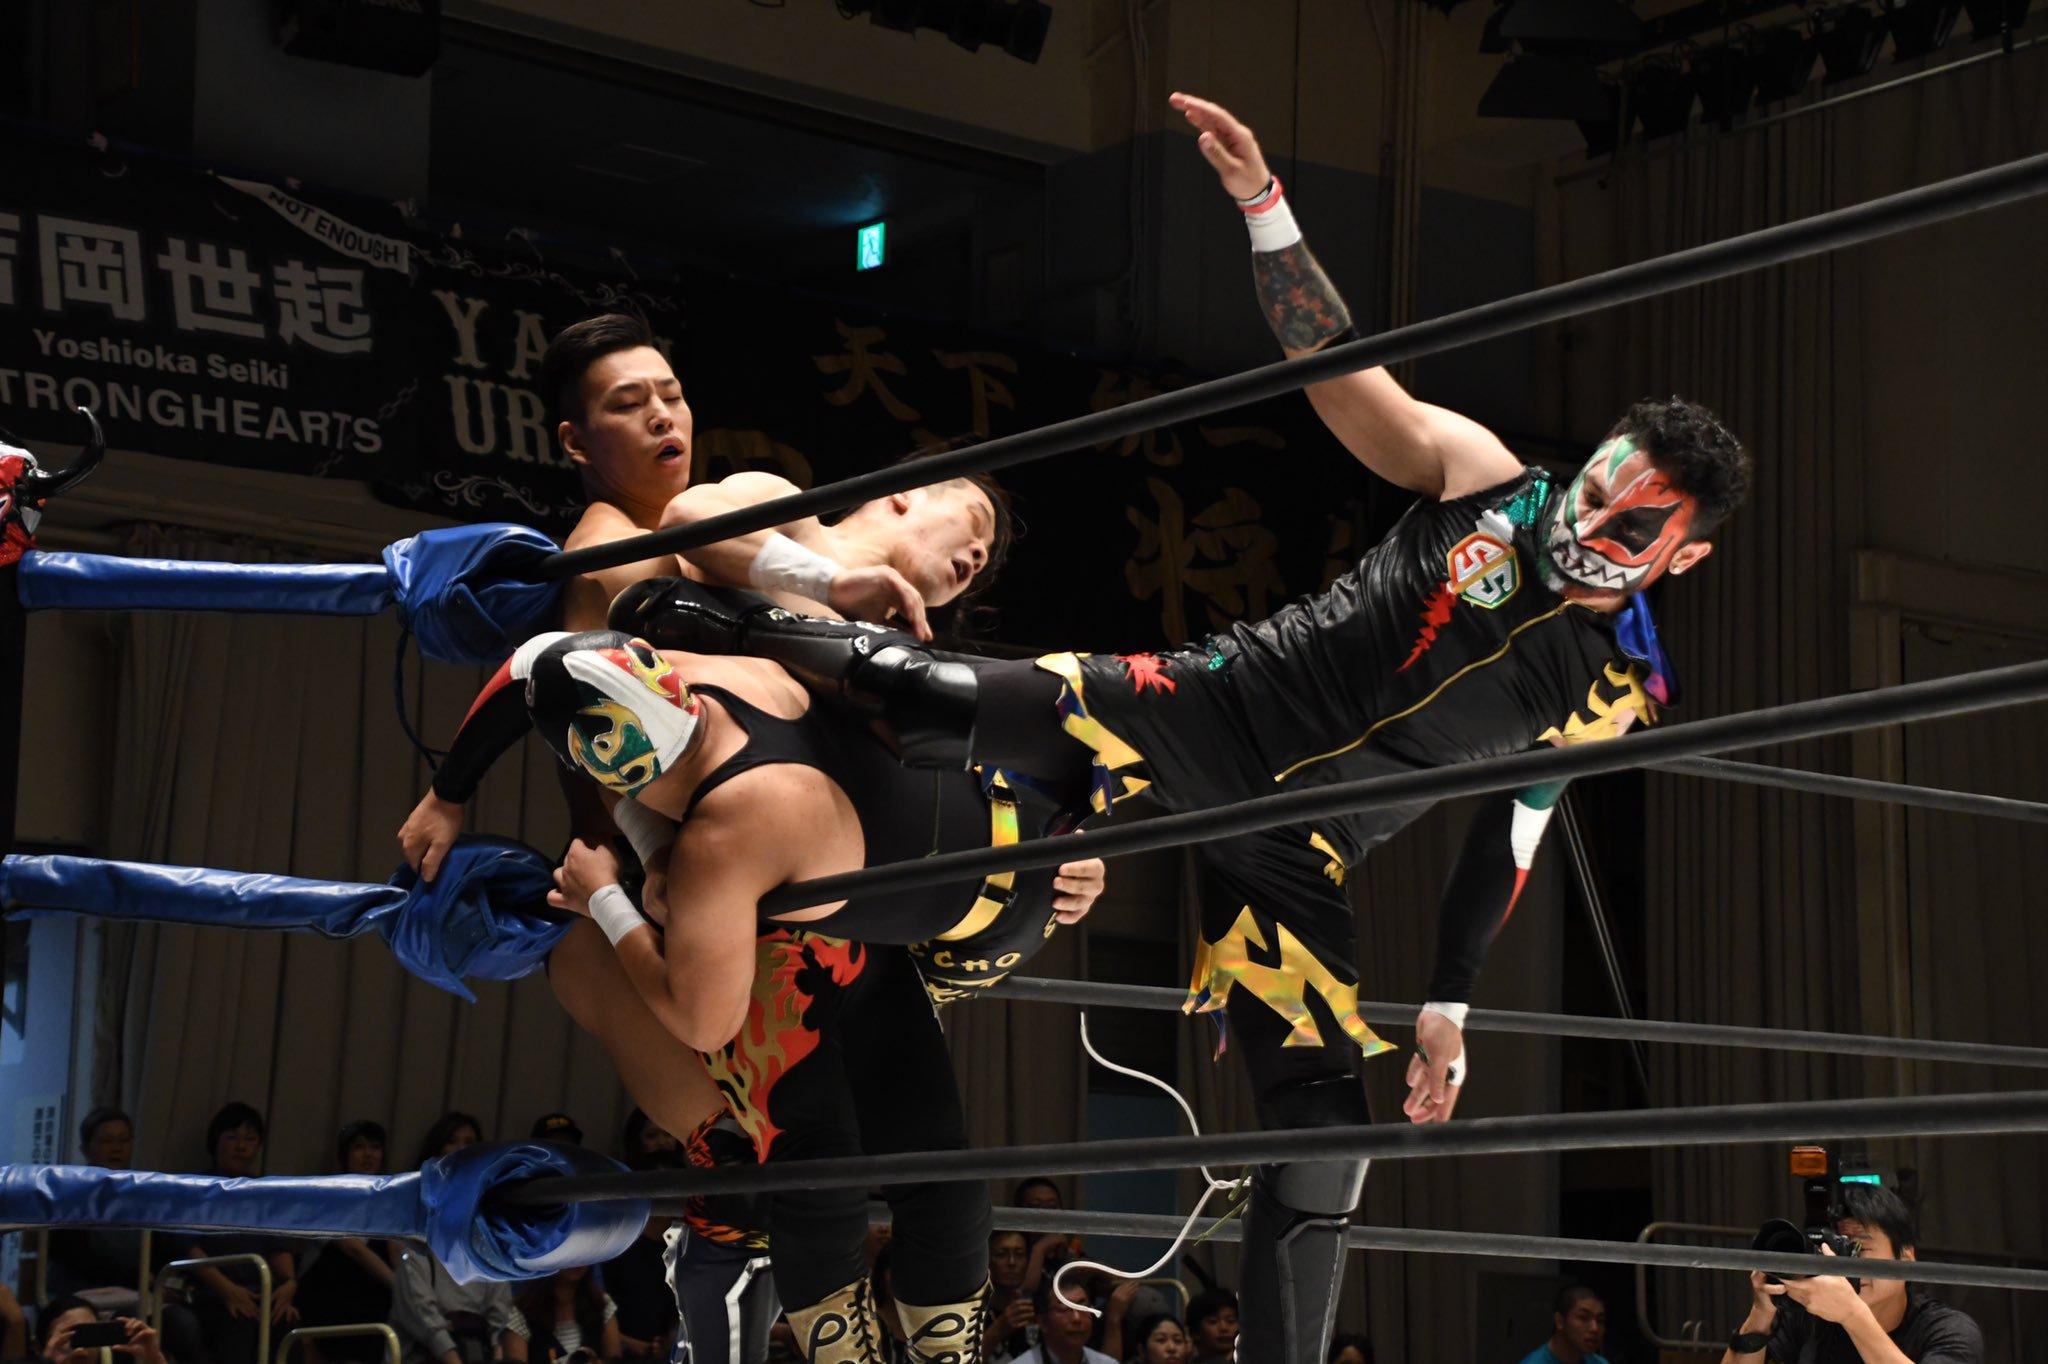 J-Stage en el Korakuen Hall, llega Strong Hearts con Látigo y Arez 3